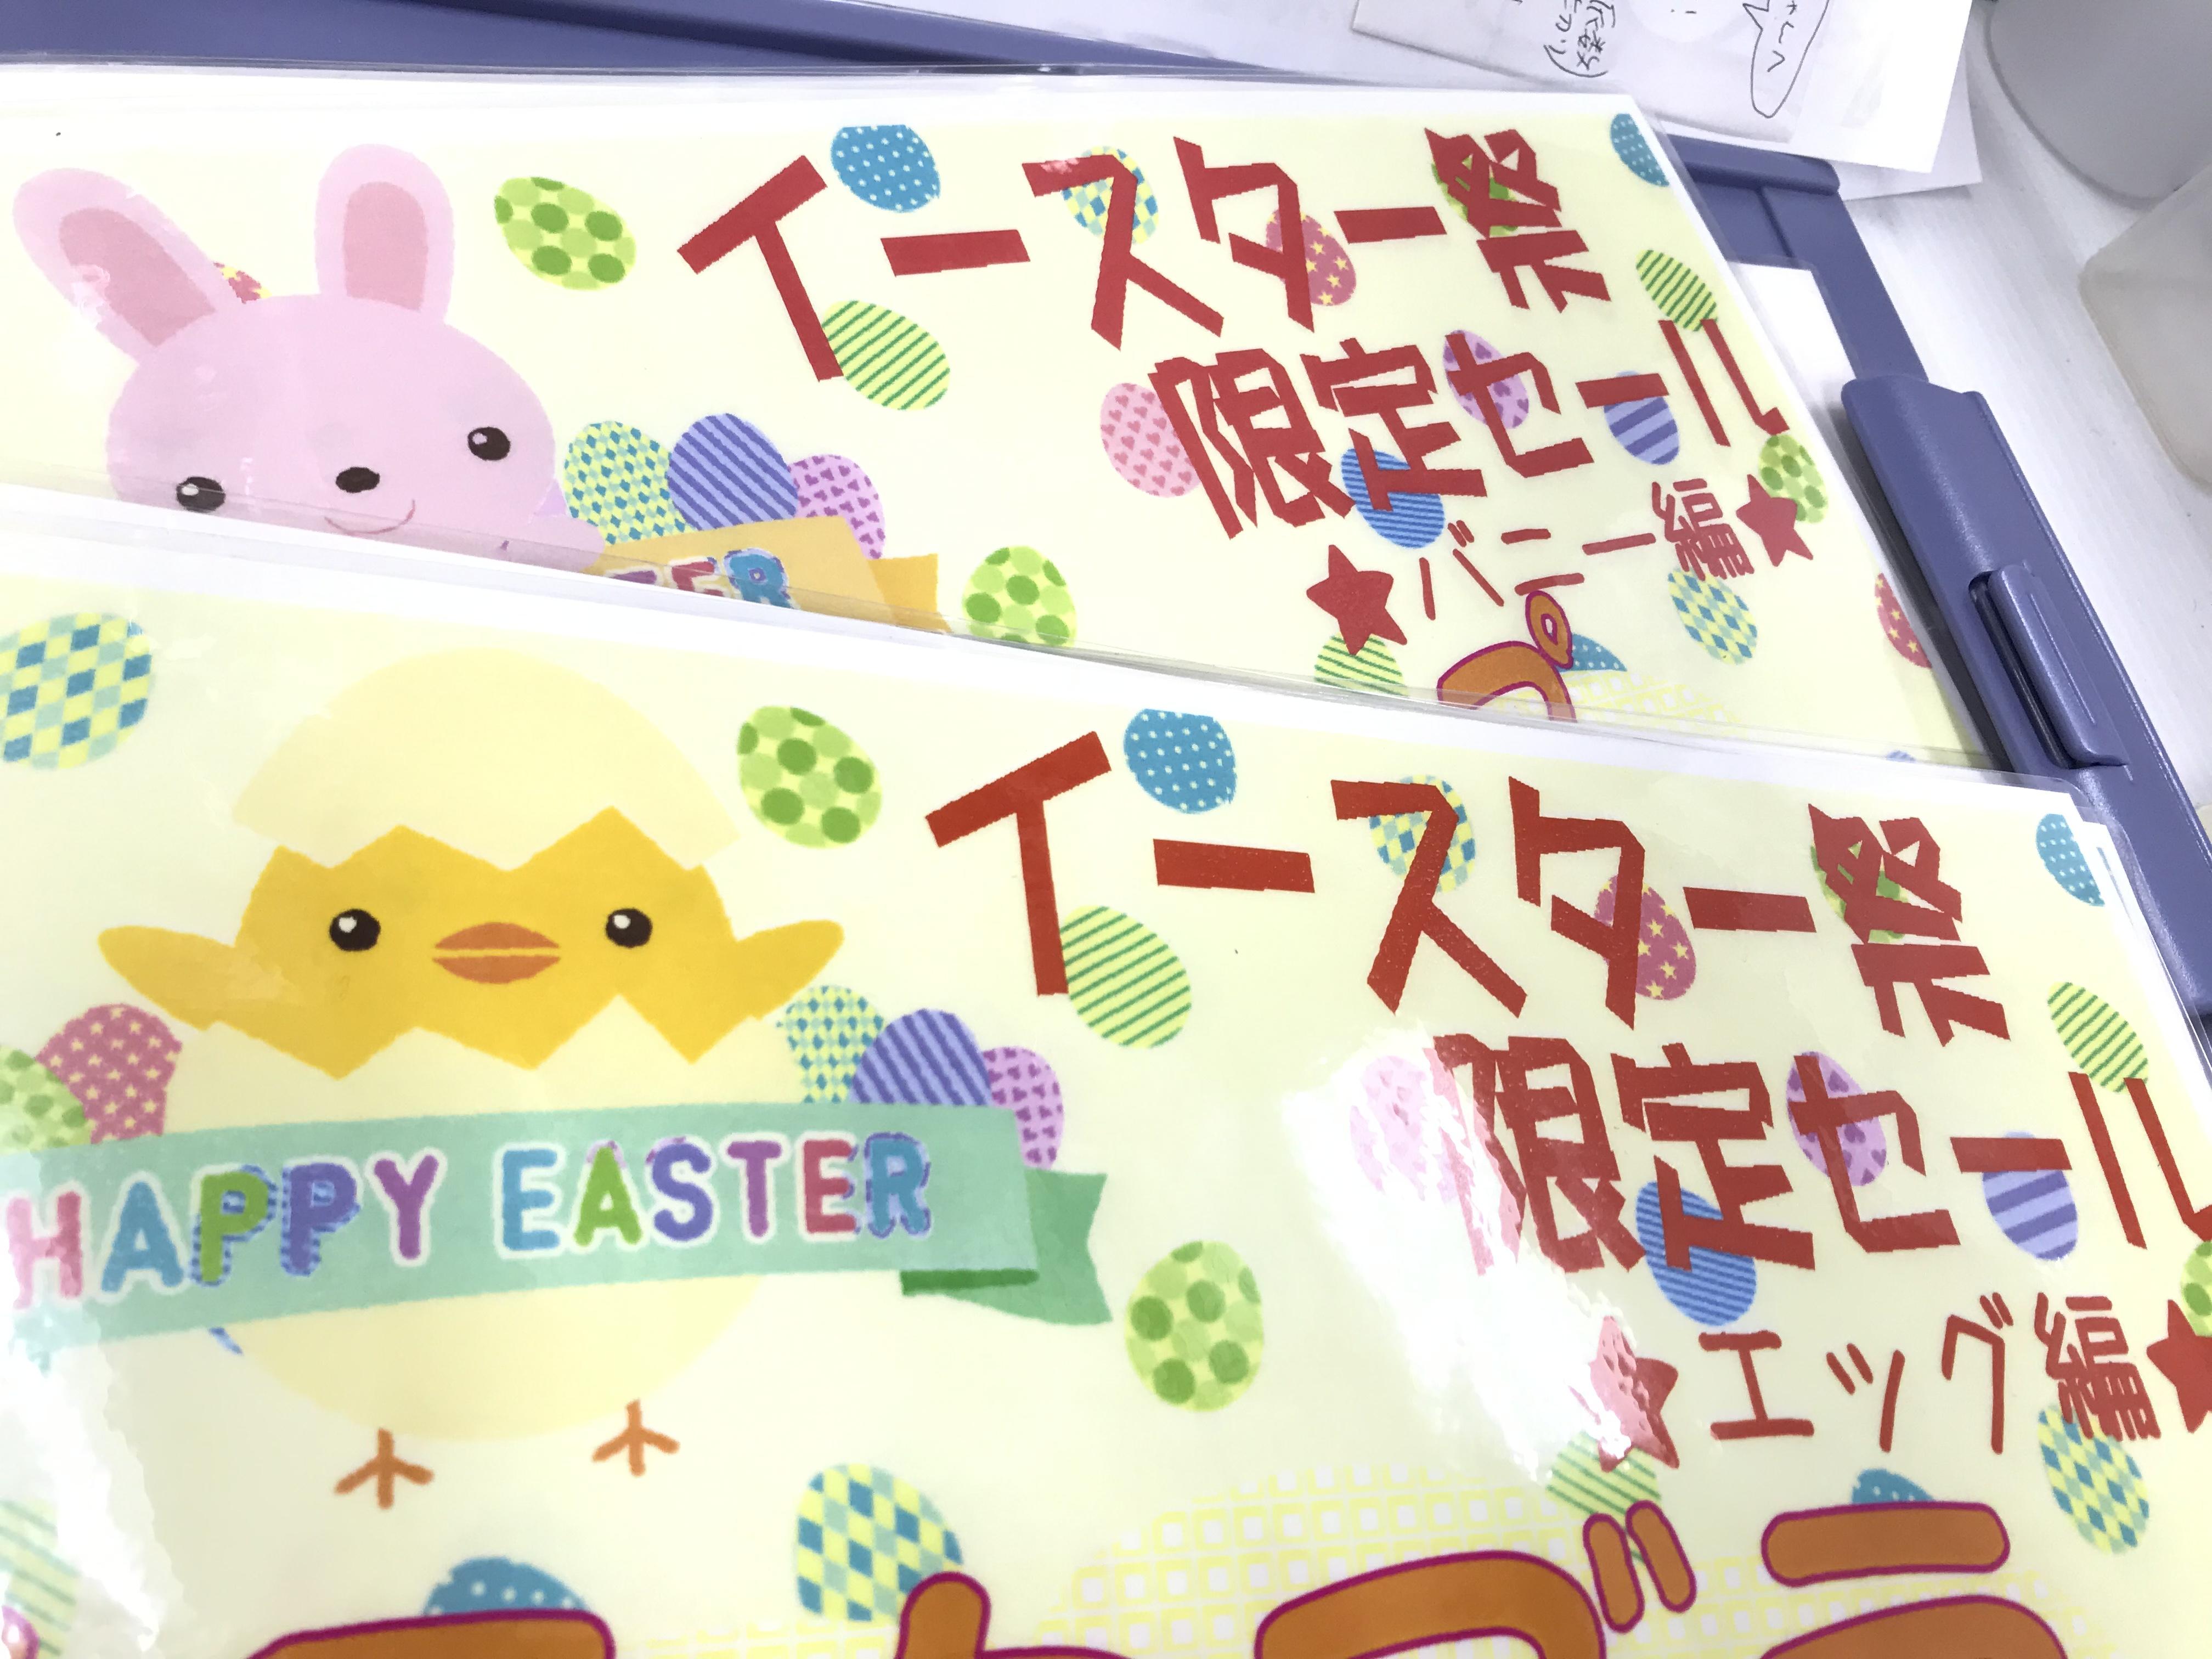 【インター小動物】15日〜21日はHAPPYEaster★という事で、イースター祭開催です(*´꒳`*)